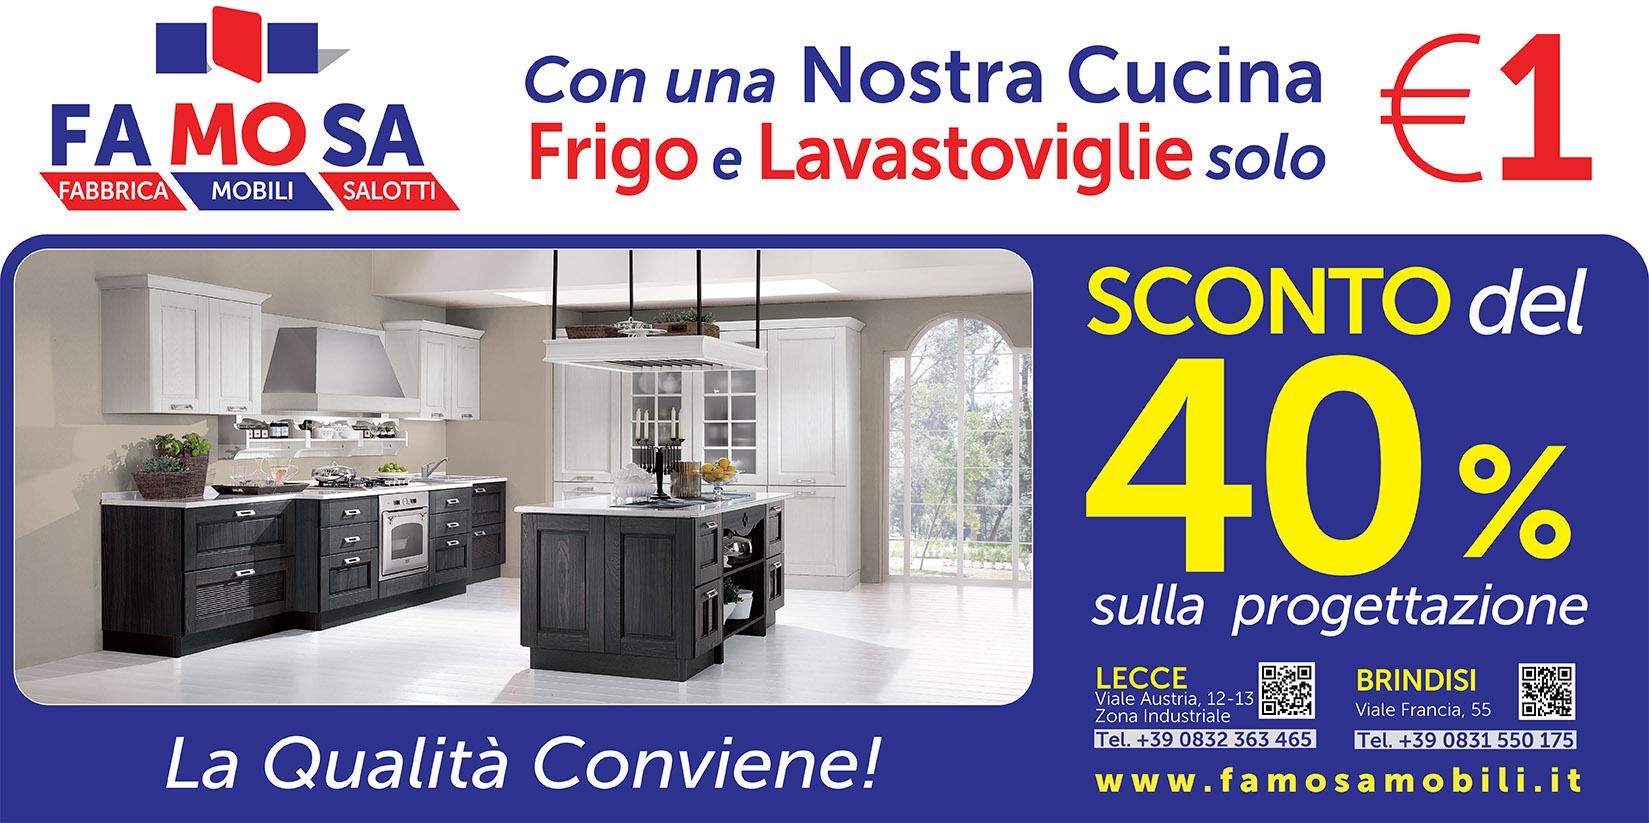 FA.MO.SA. – Fabbrica Mobili Salotti